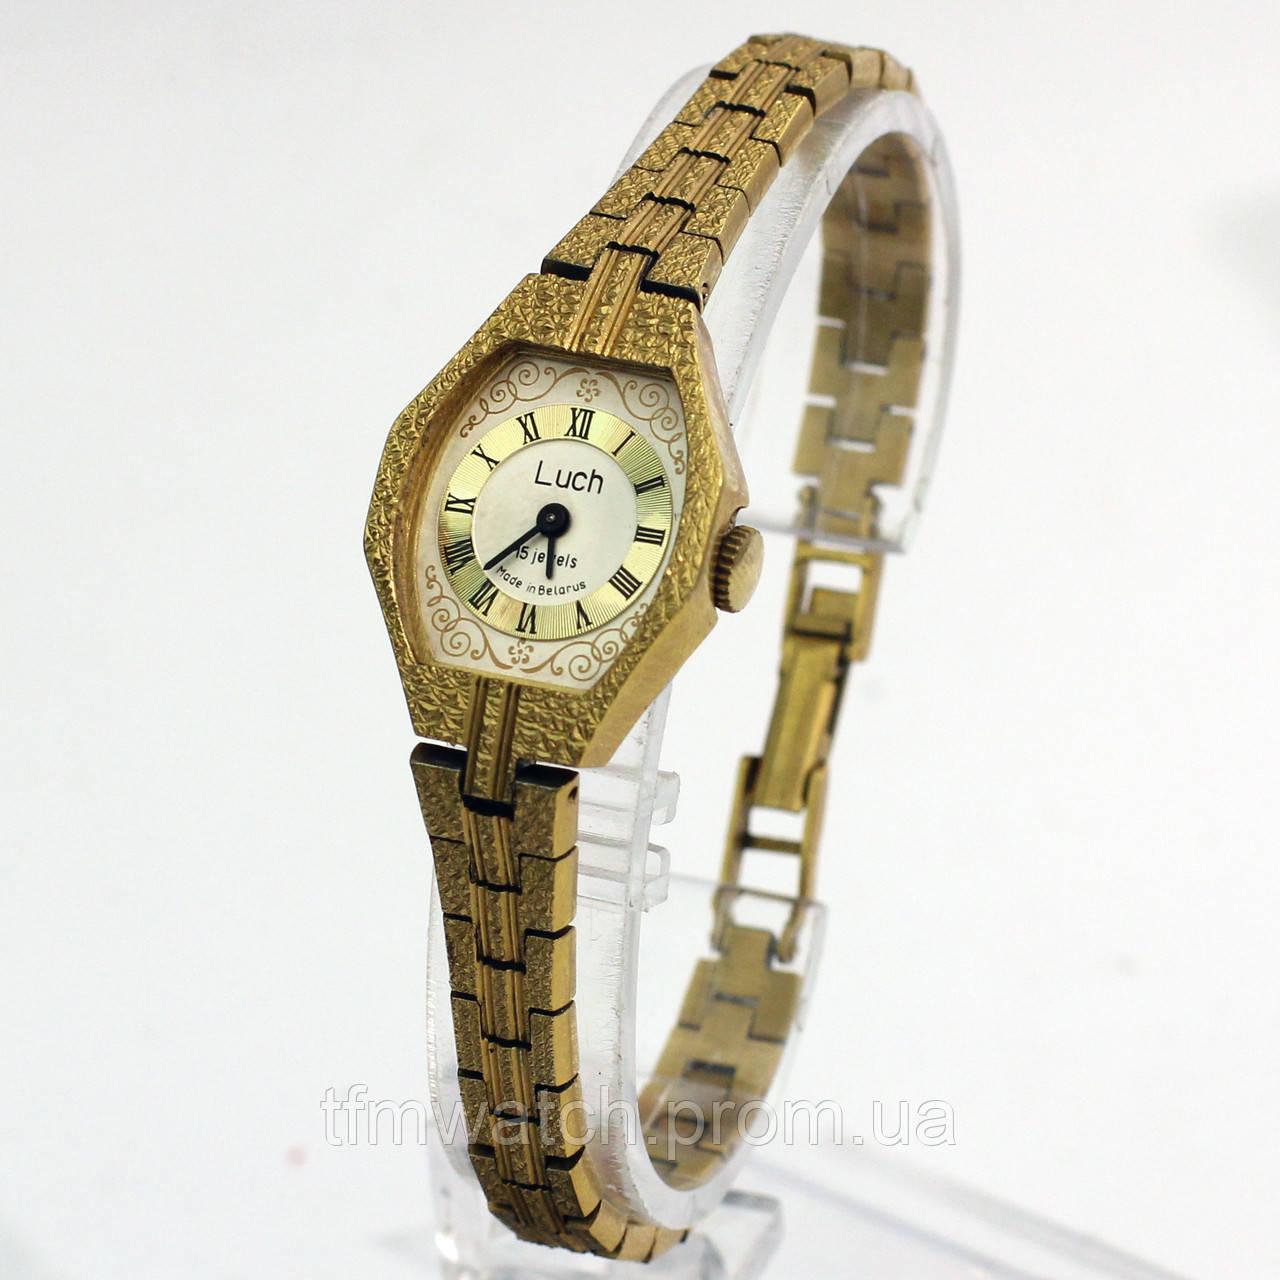 Луч женские часы 15 камней